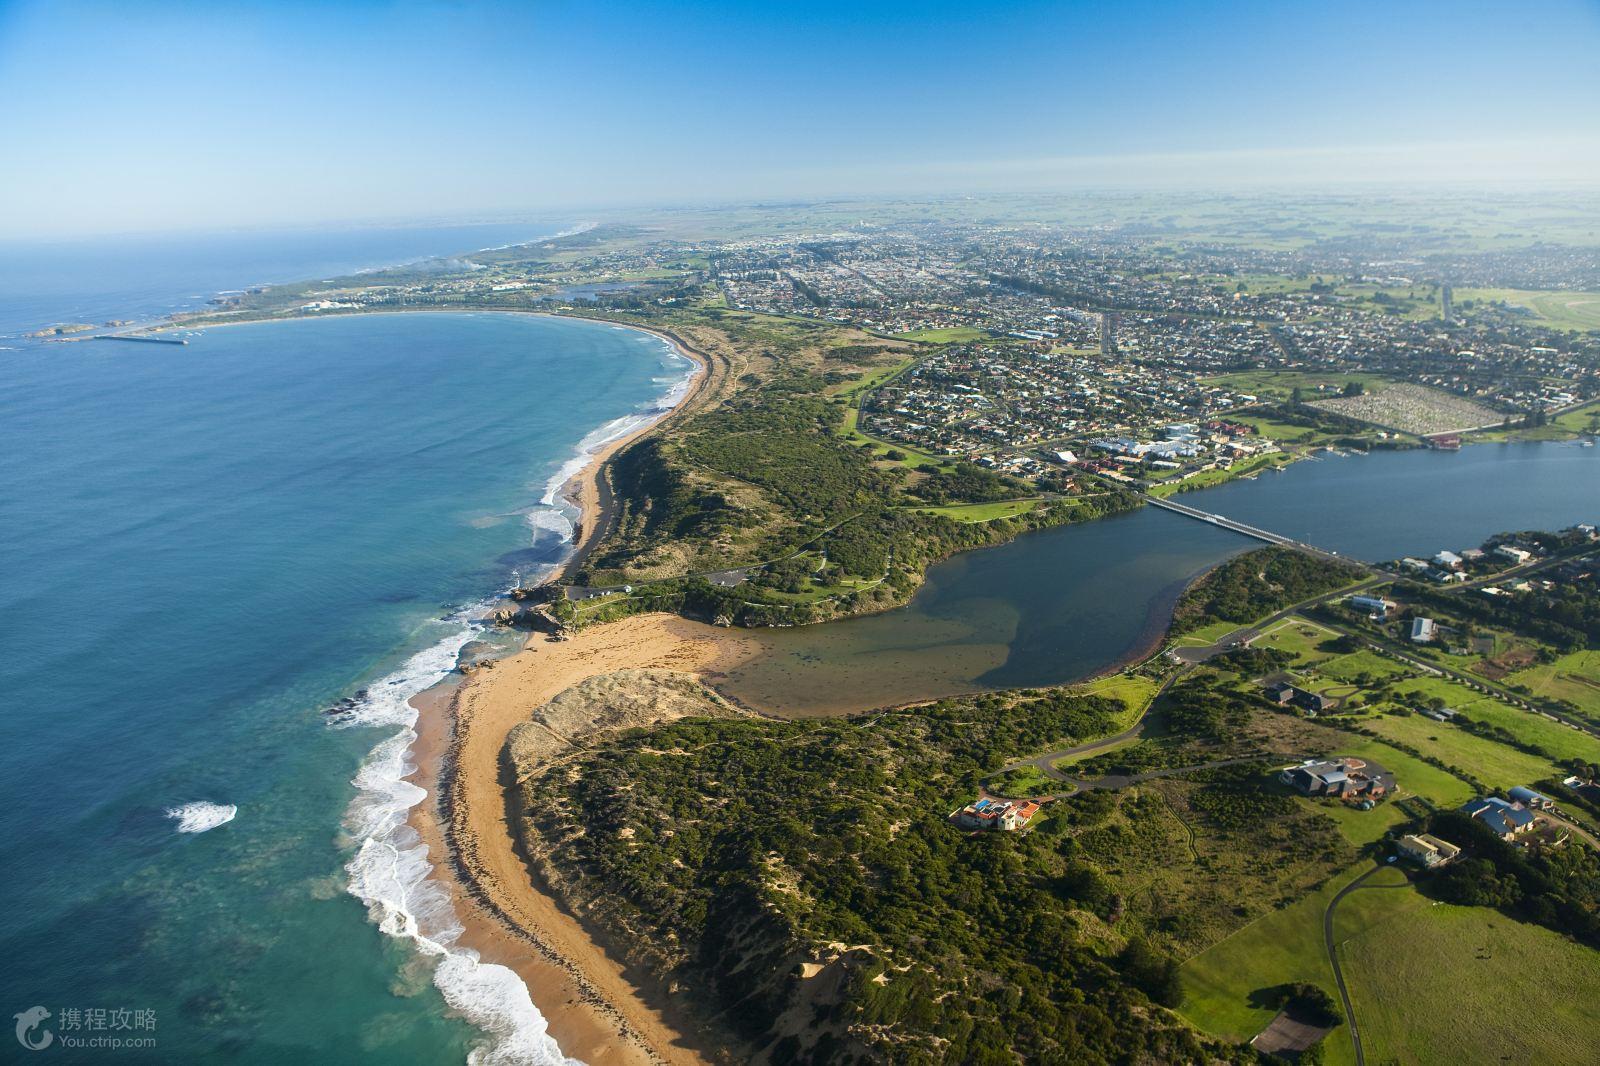 澳大利亚 墨尔本8日7晚跟团游·黄金海岸 武汉直飞 悉尼 邦迪海滩